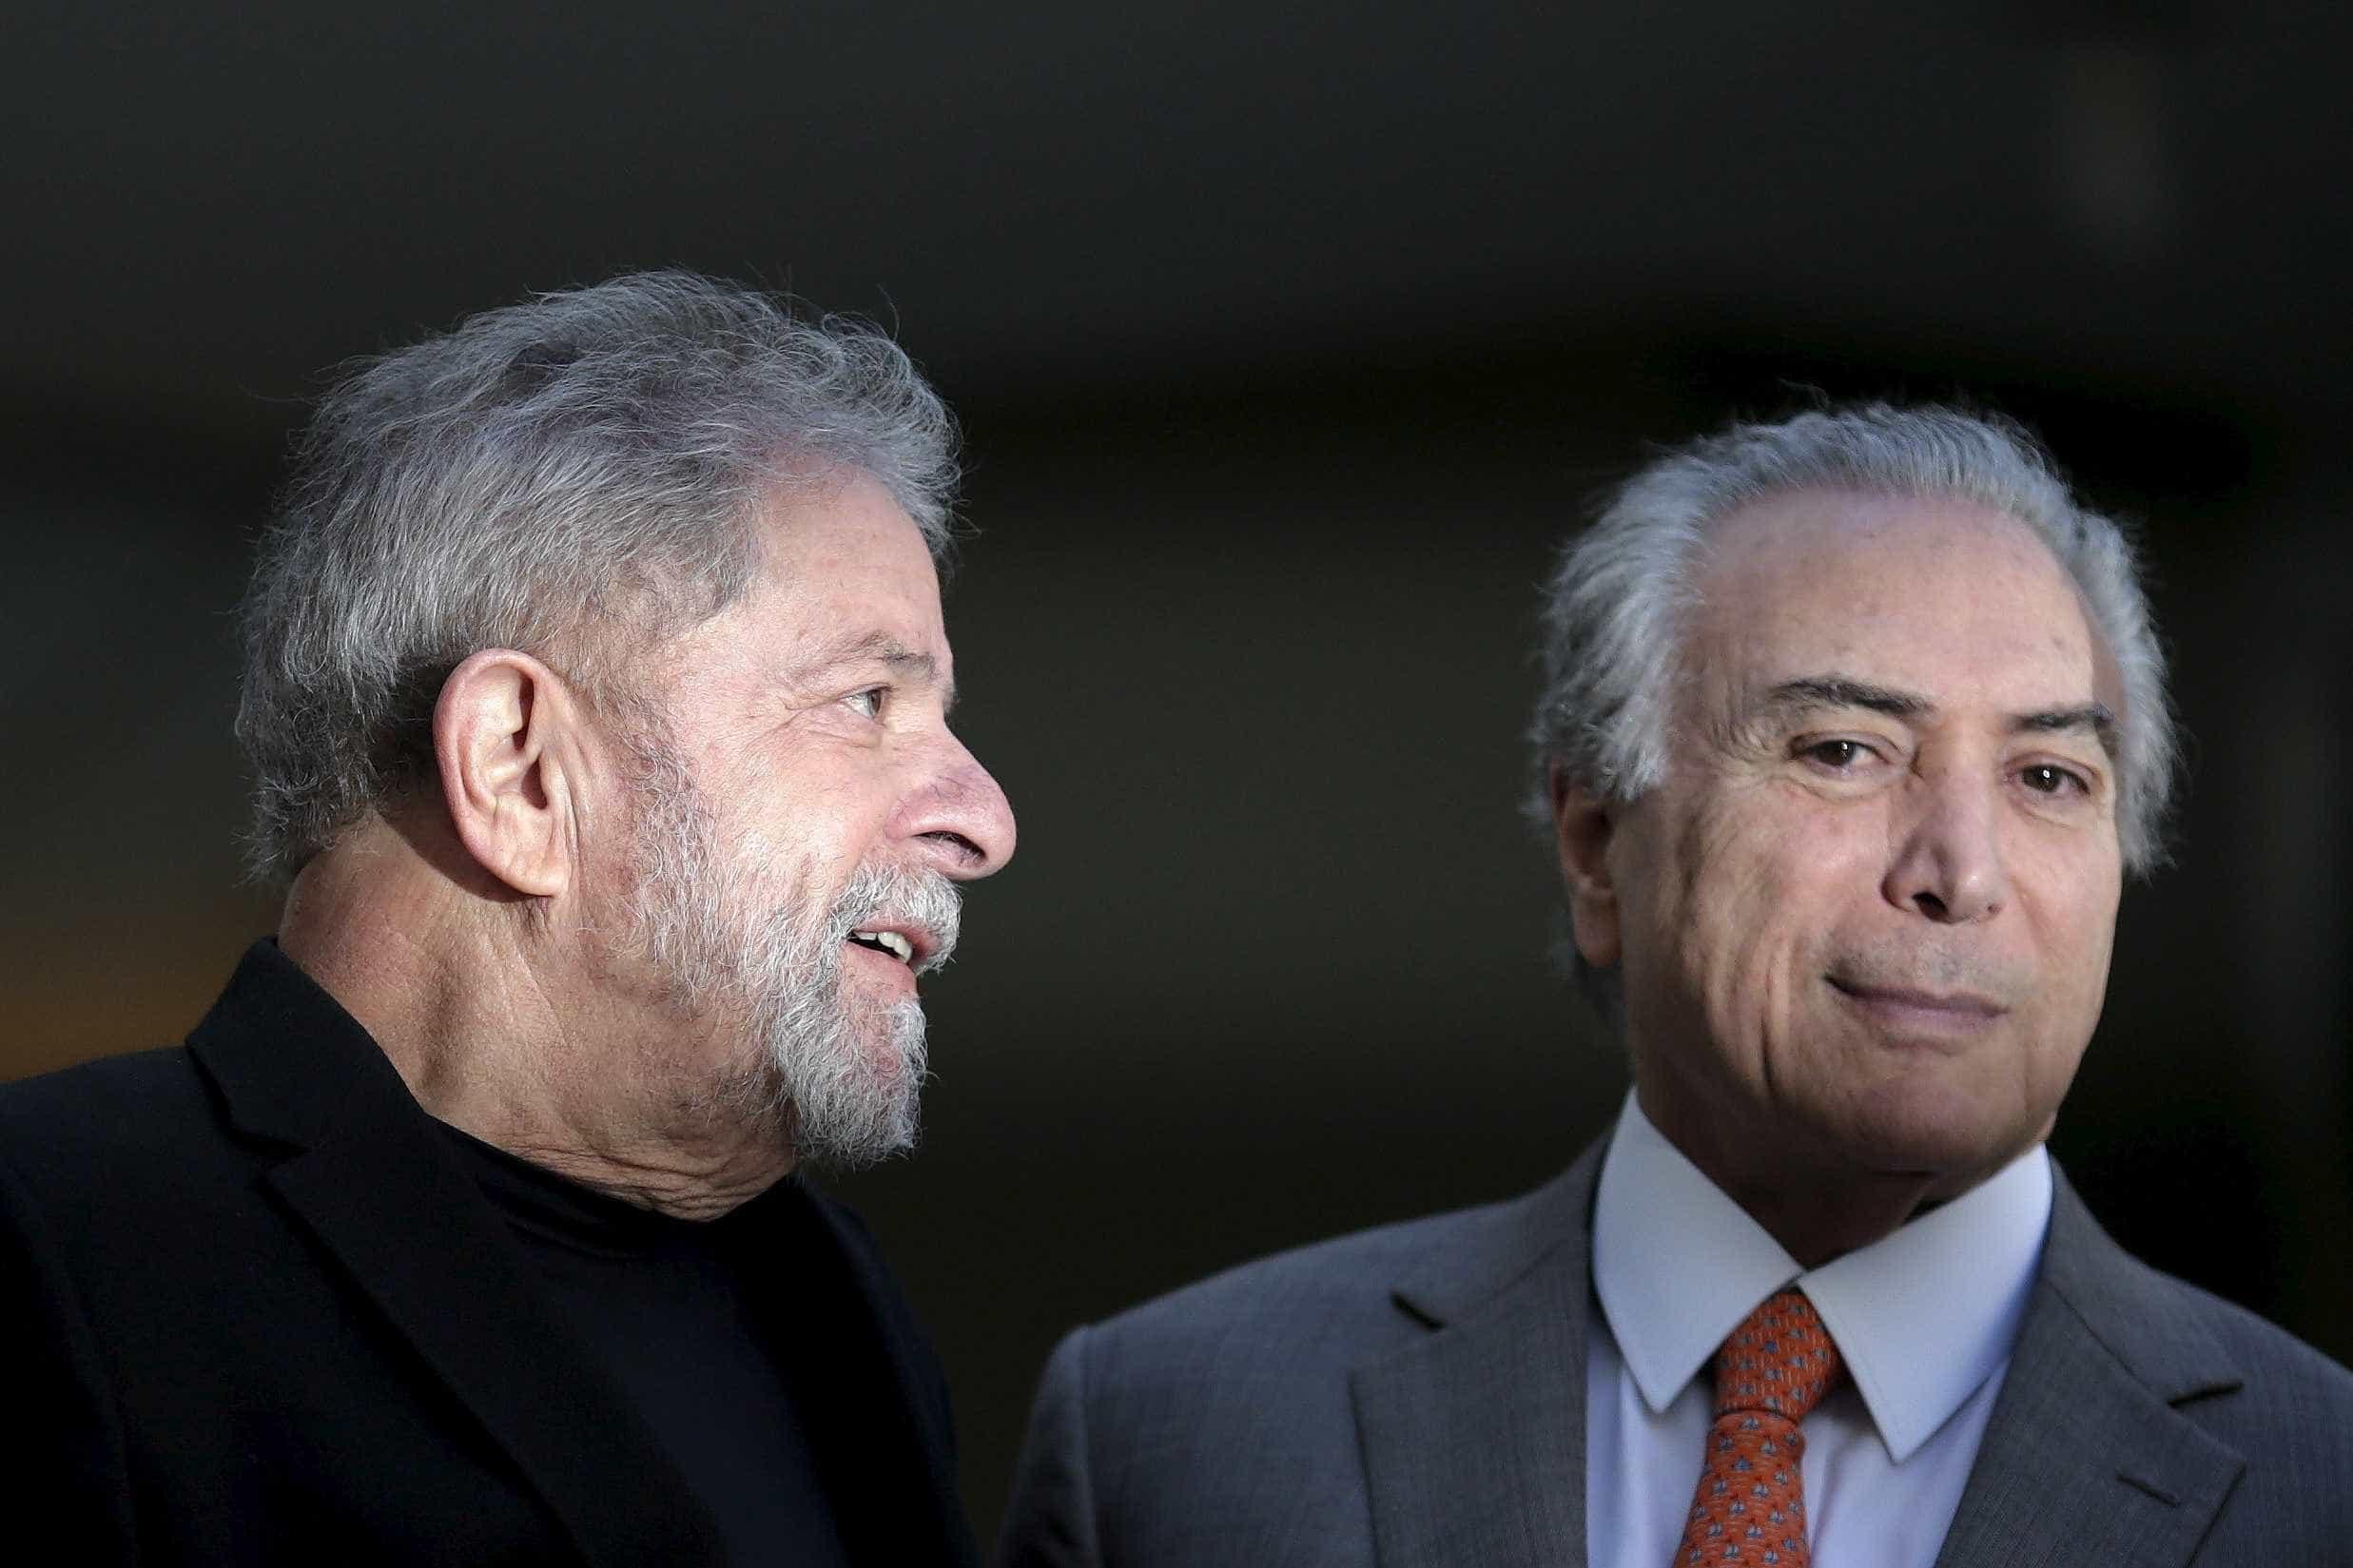 Temer torce por derrota de Lula nas urnas, não na Justiça